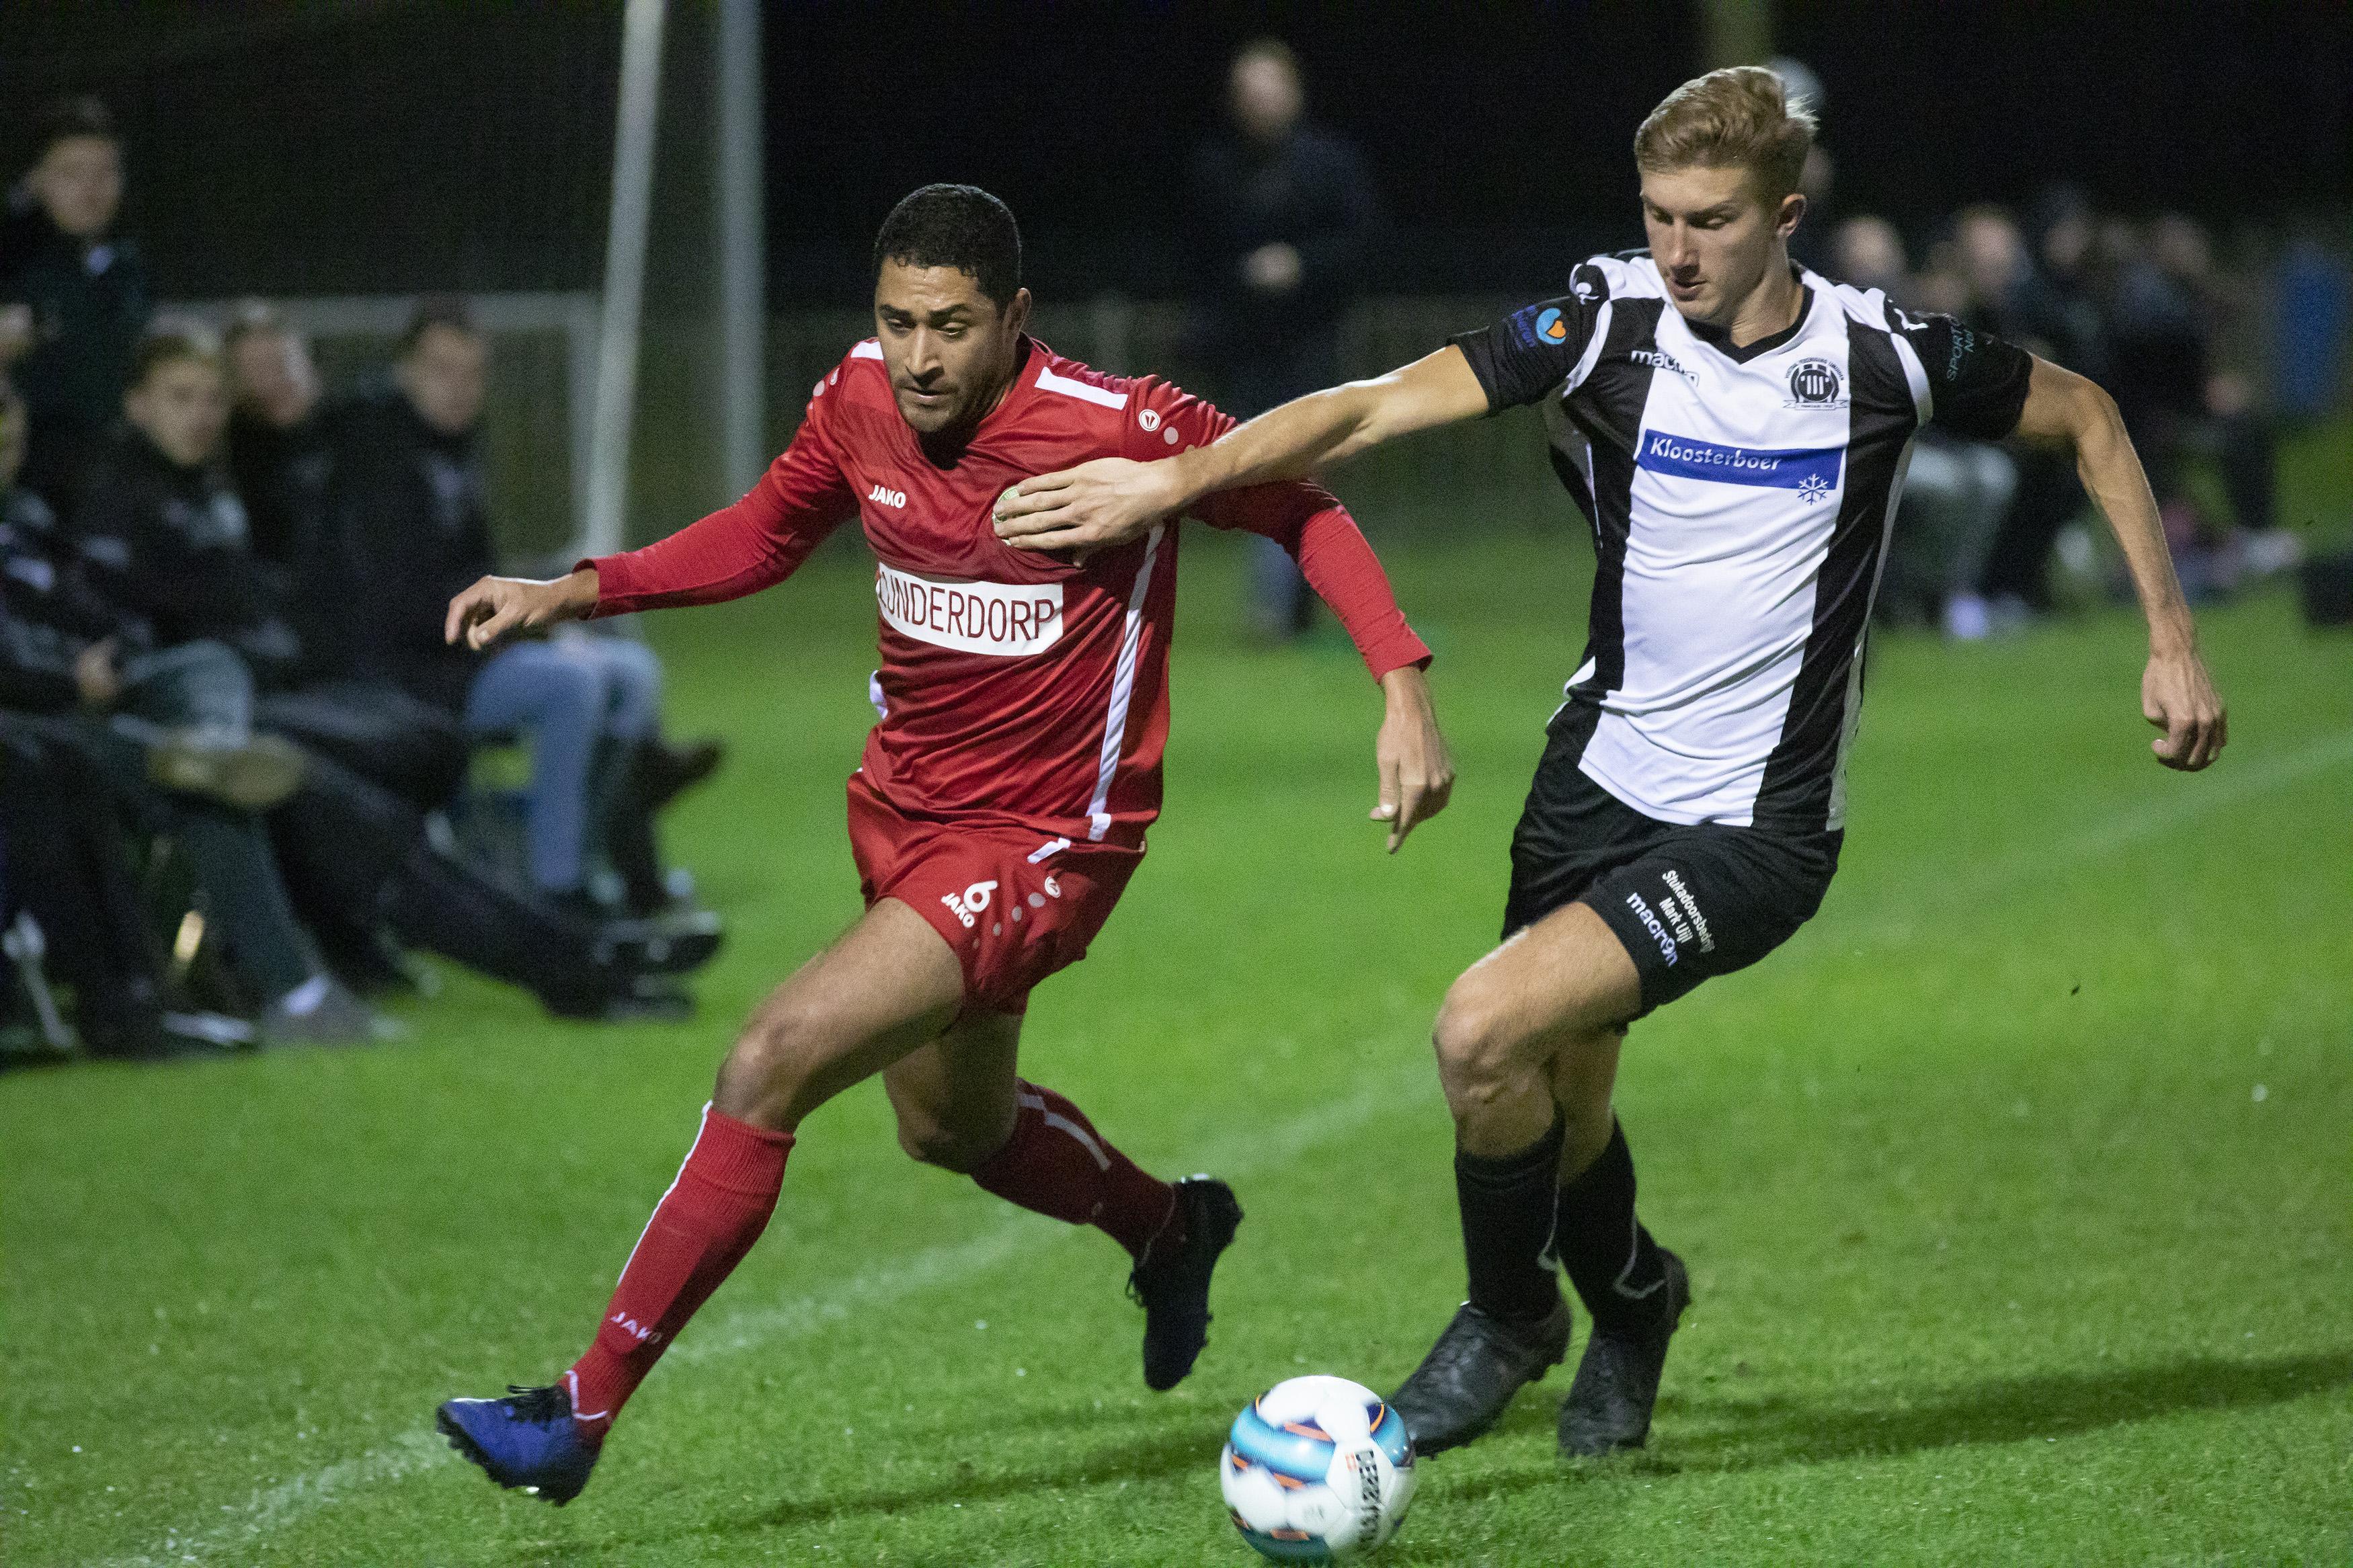 Coronastop. VV IJmuiden speelt voorlopig laatste voetbalwedstrijd. 'Vergeet niet te genieten!'